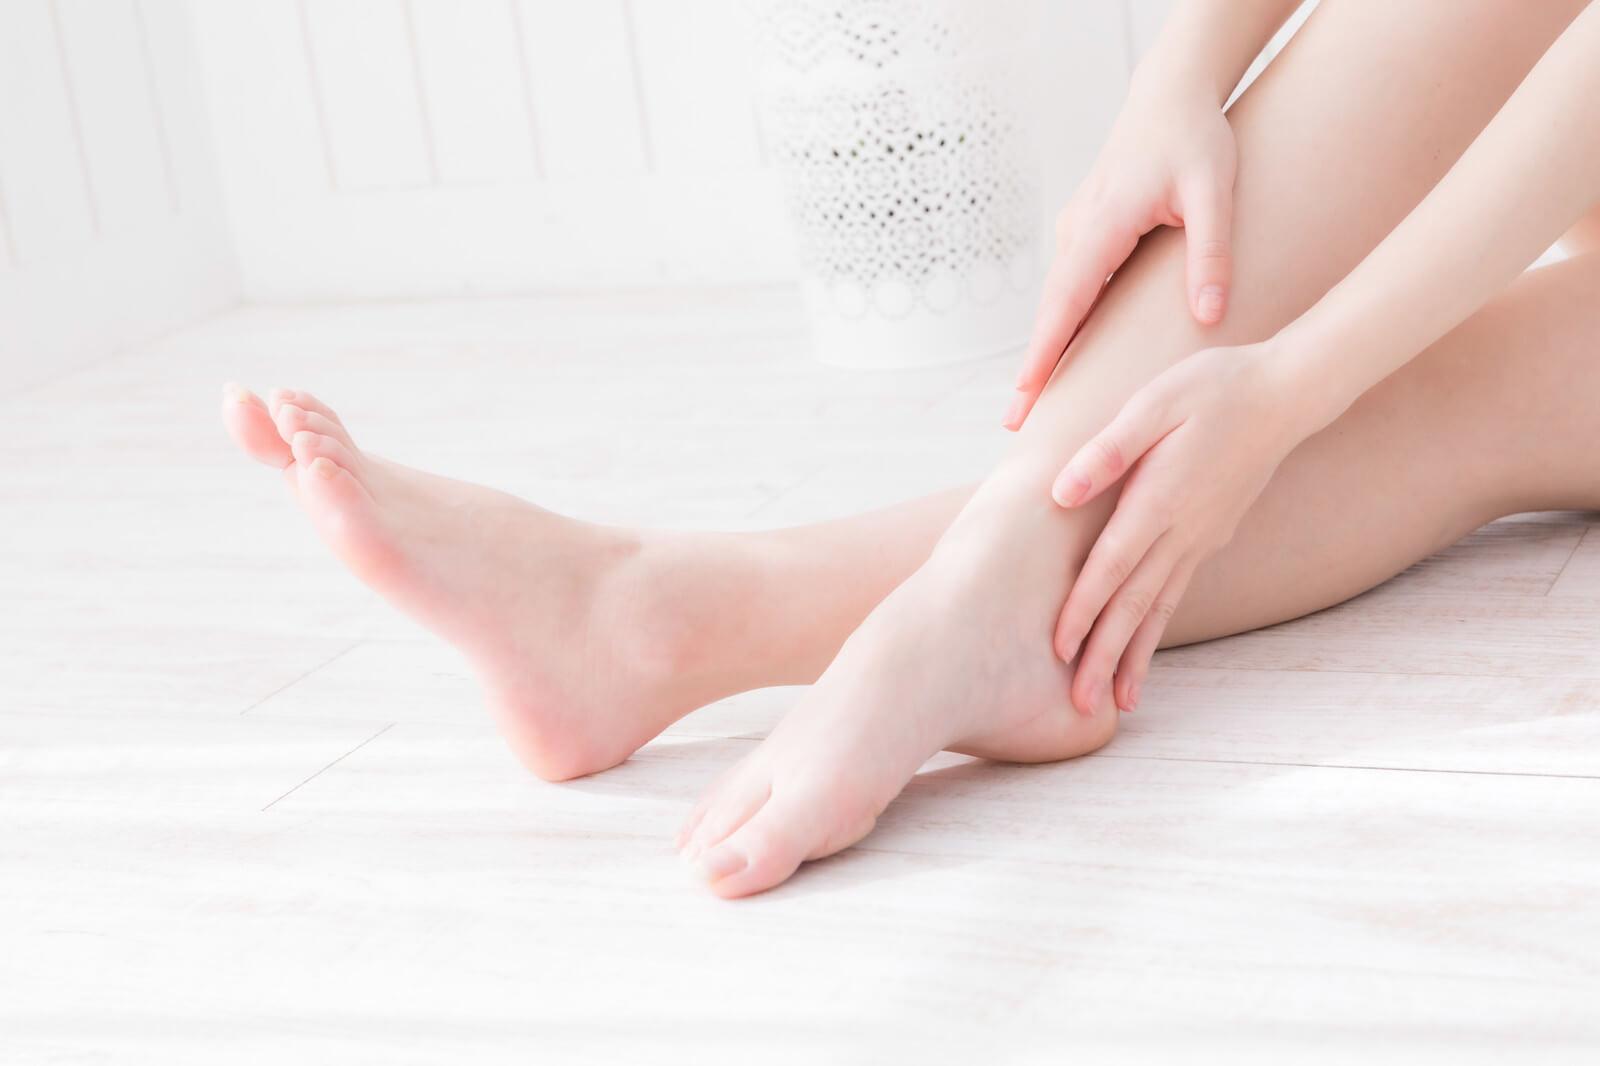 脱毛済みの手足